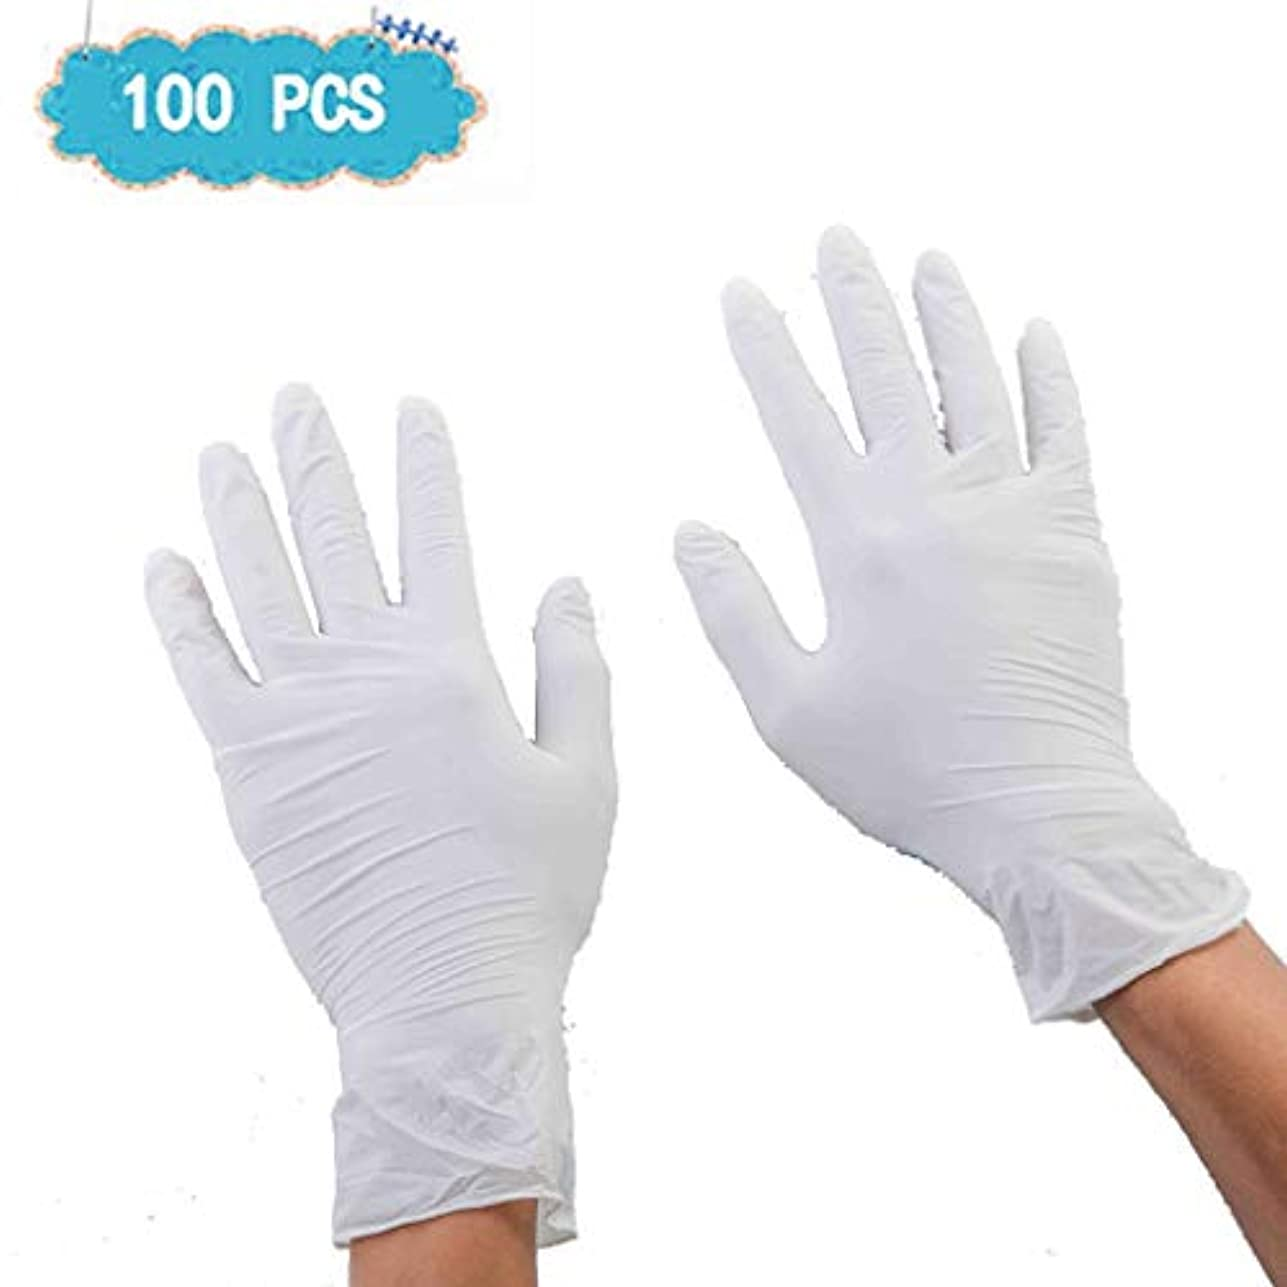 ブランク魅了するプレゼンターニトリル手袋、12インチ厚ゴム手袋白い手袋食品加工医療ペットケアネイルアート検査保護実験、美容サロンラテックスフリー、、 100個 (Size : L)